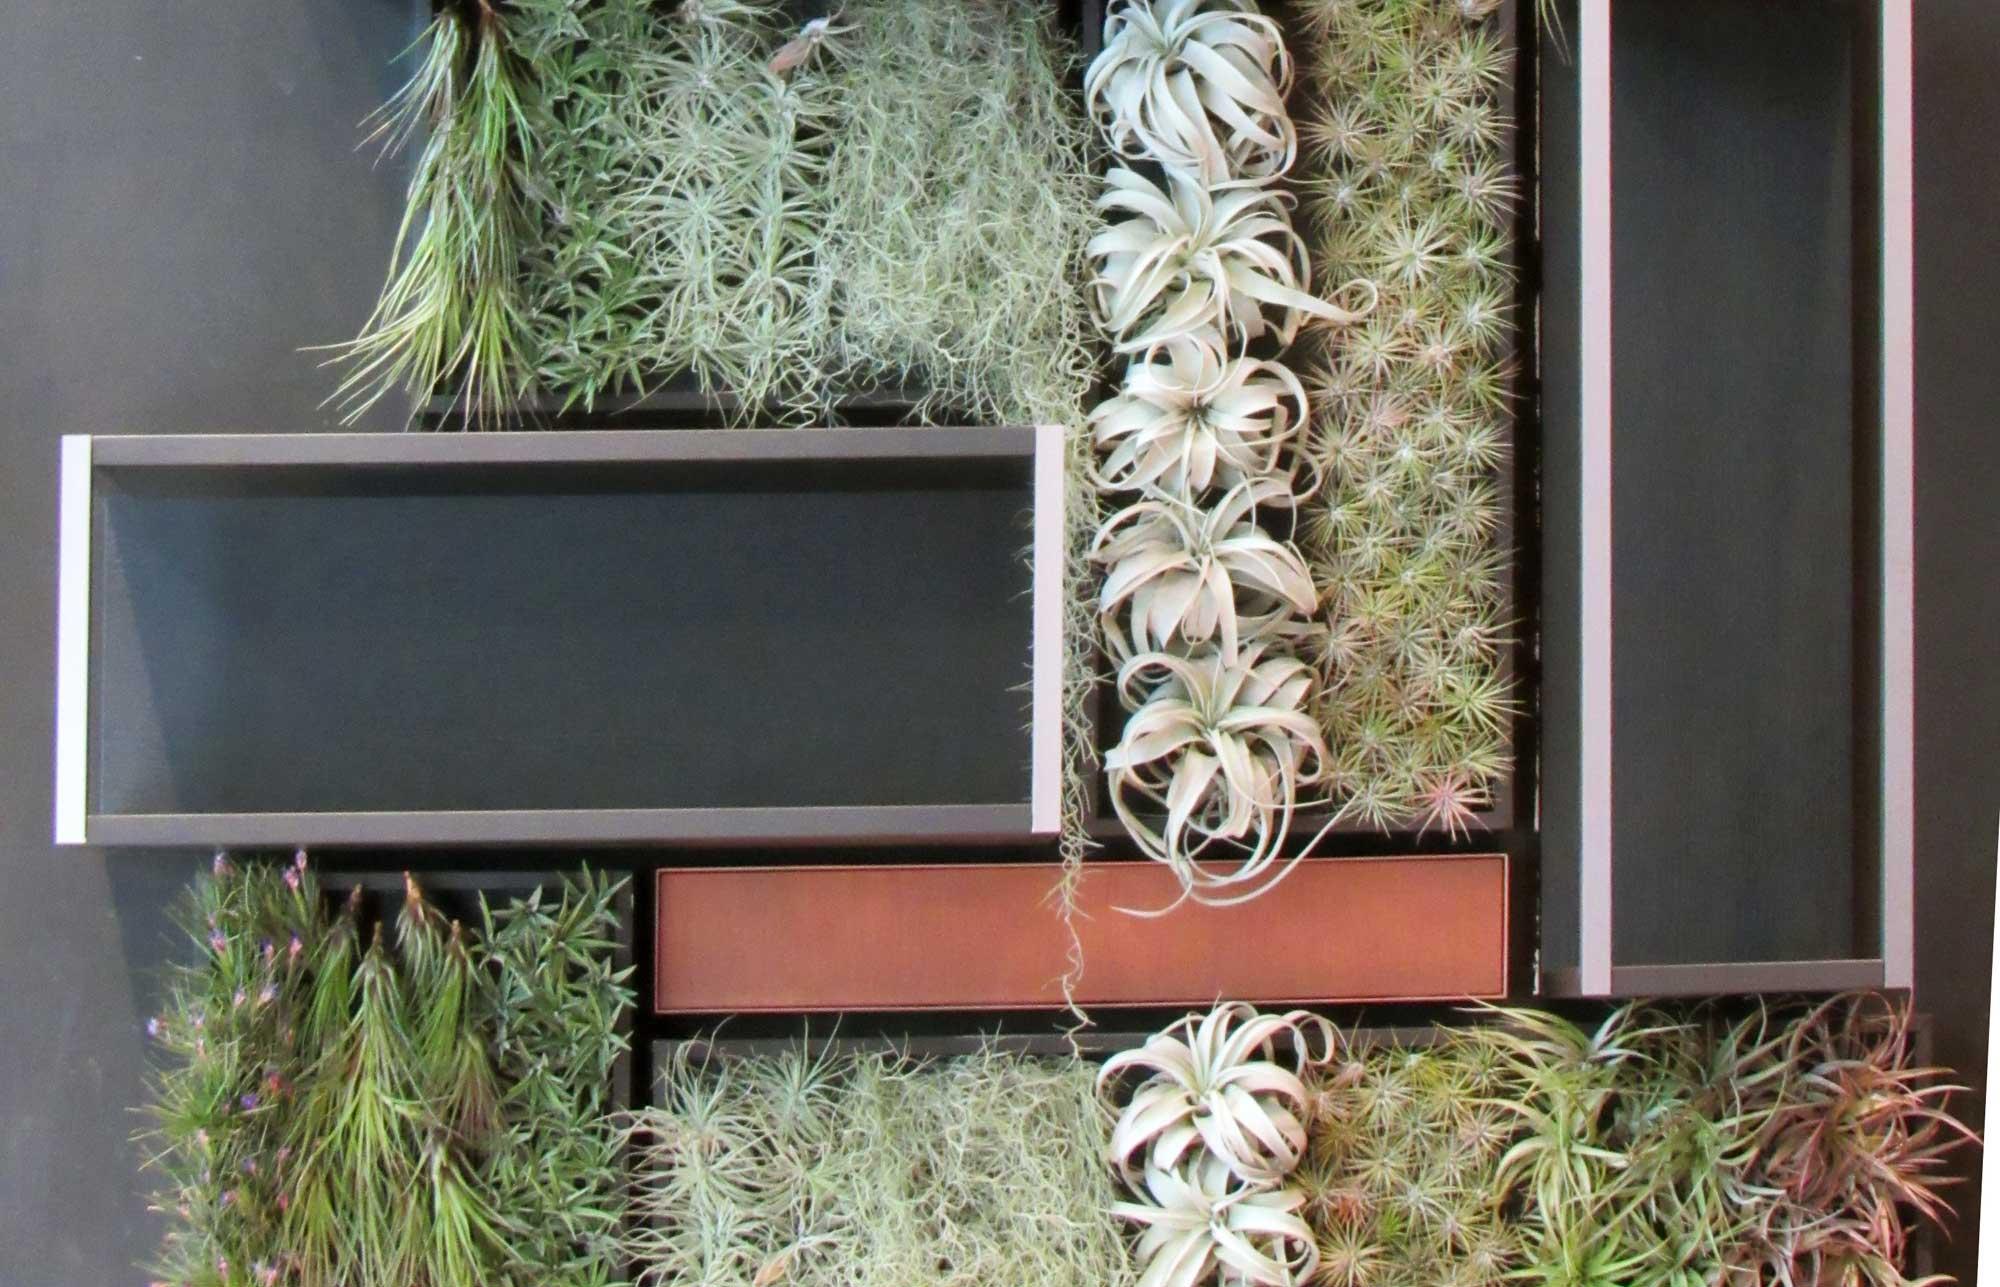 FuoriSalone, le piante vestono la parete di casa